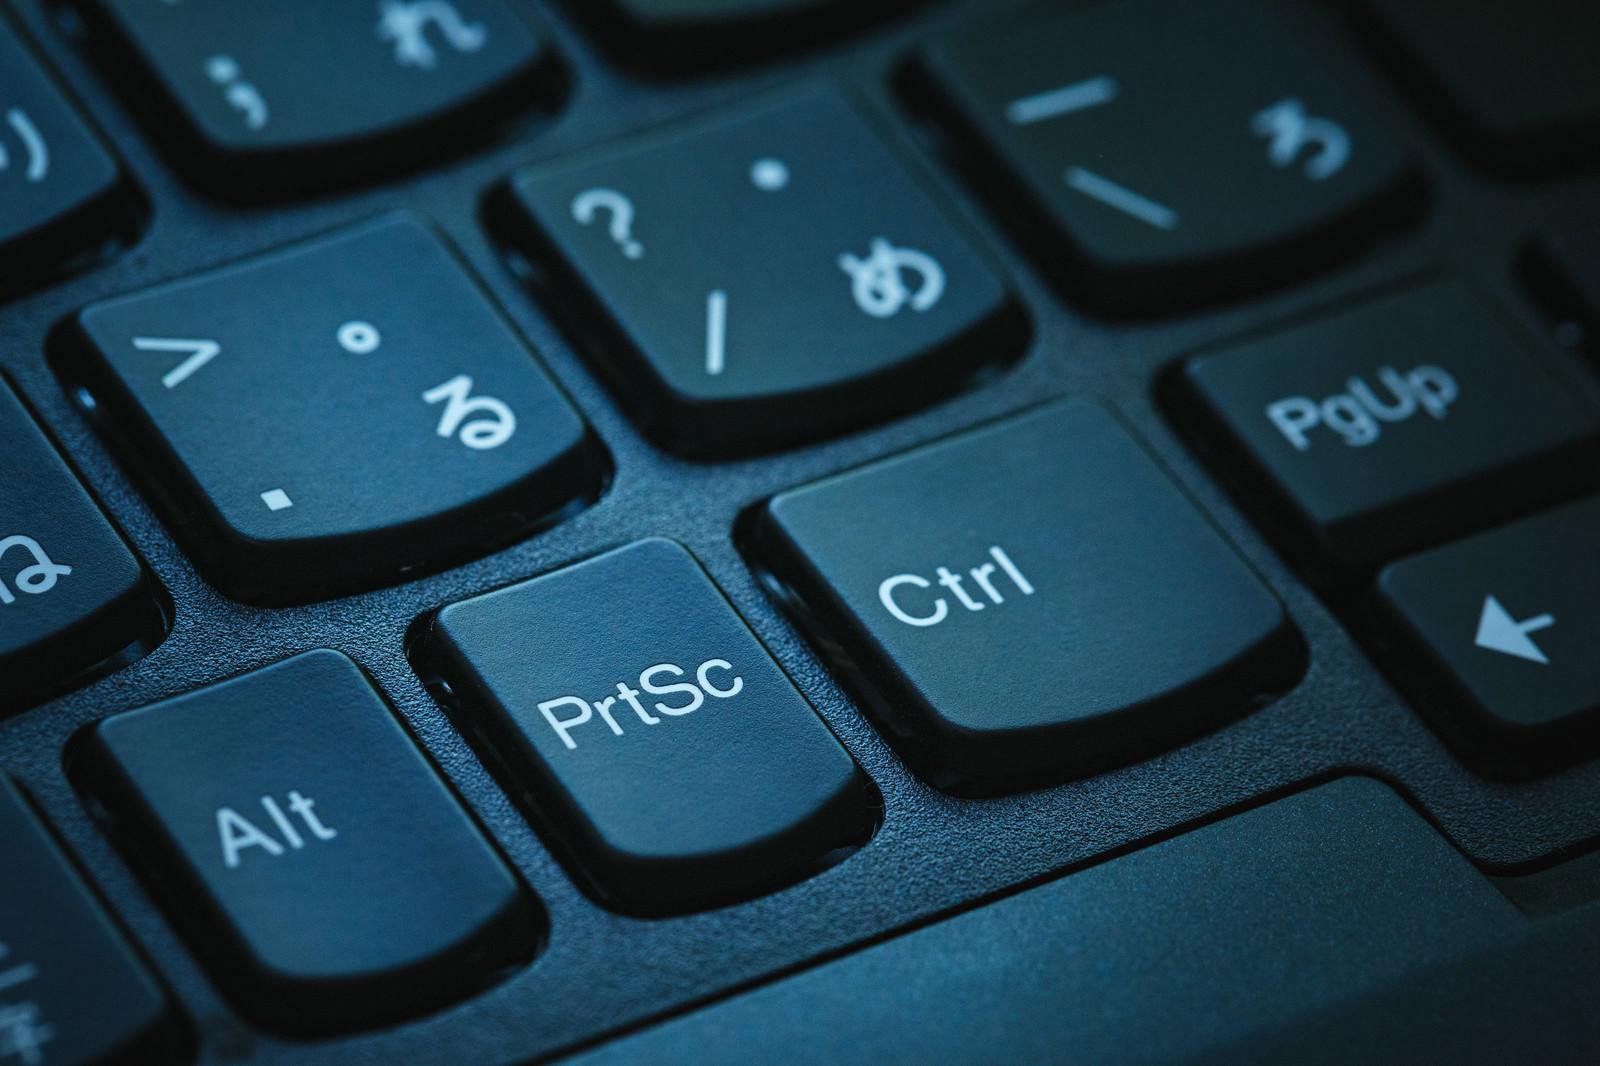 「キーボードのプリントスクリーンボタン | 写真の無料素材・フリー素材 - ぱくたそ」の写真